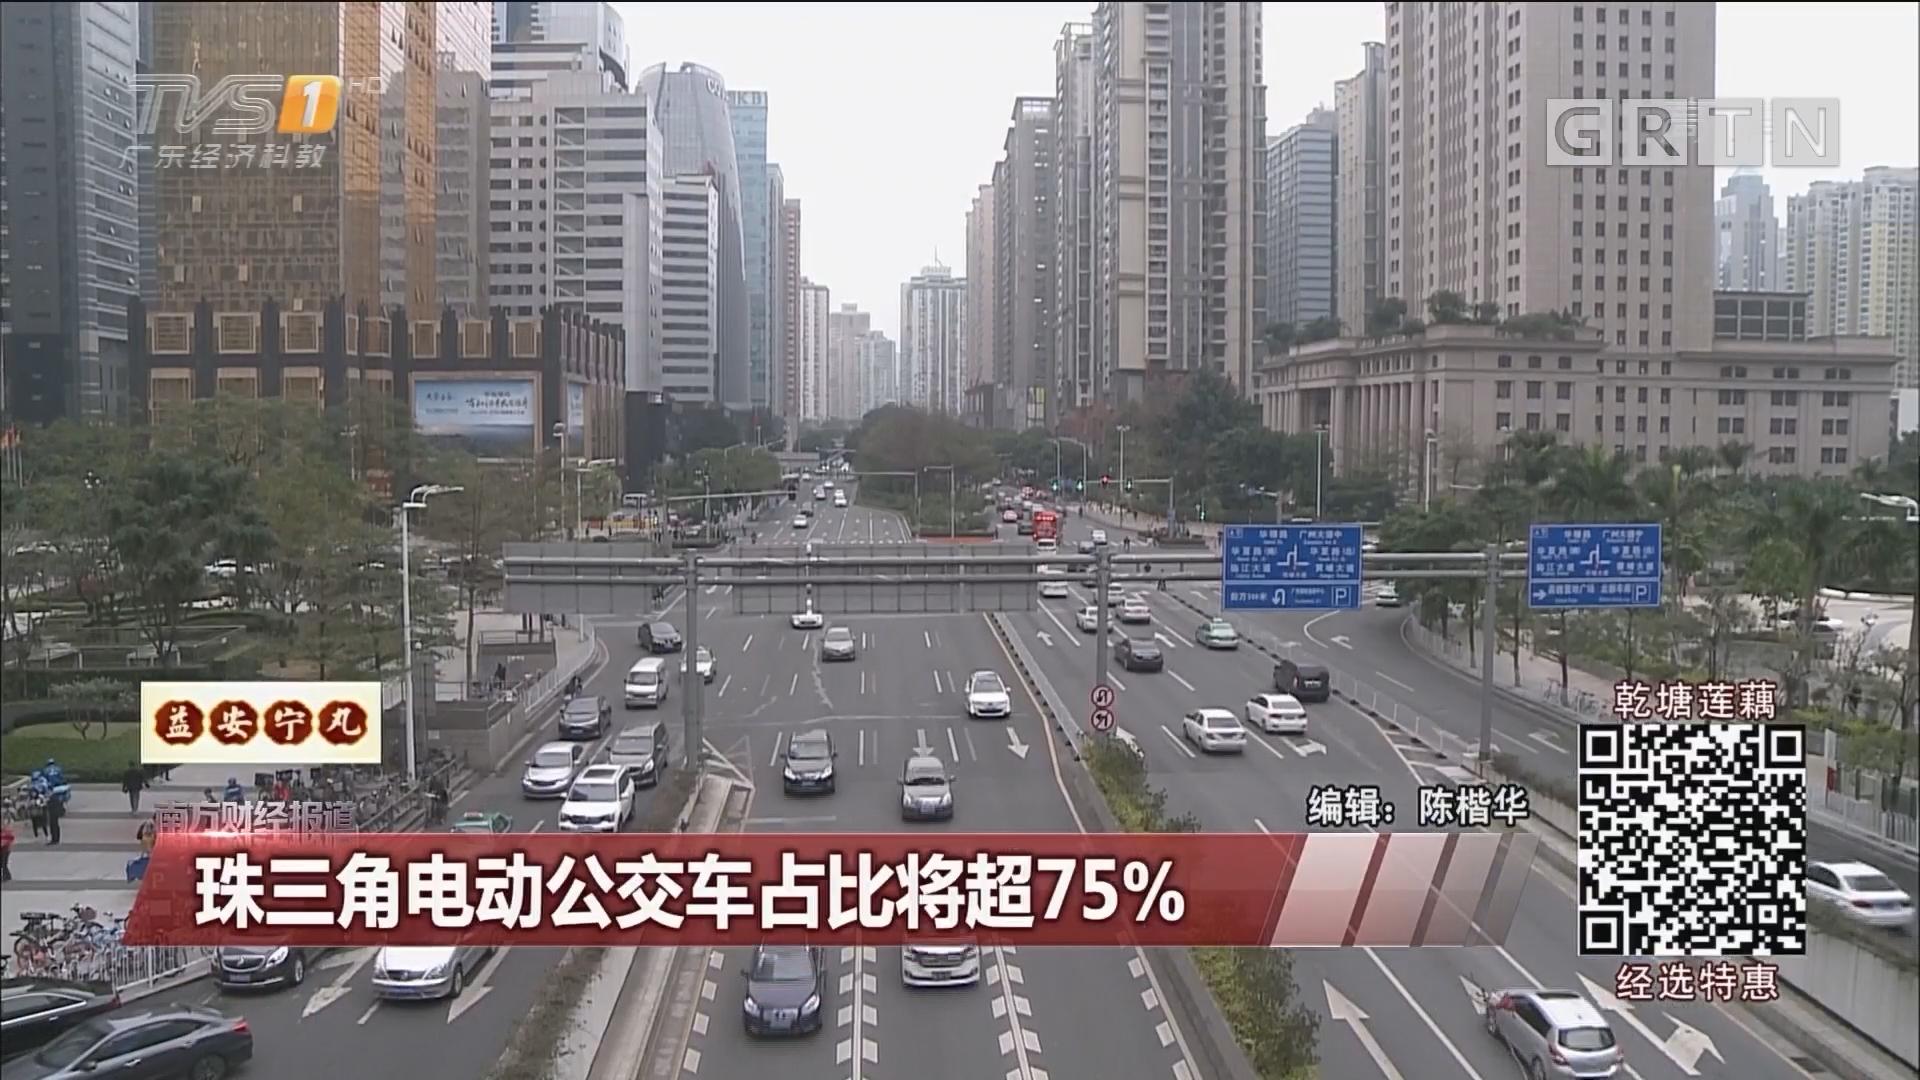 珠三角电动公交车占比将超75%